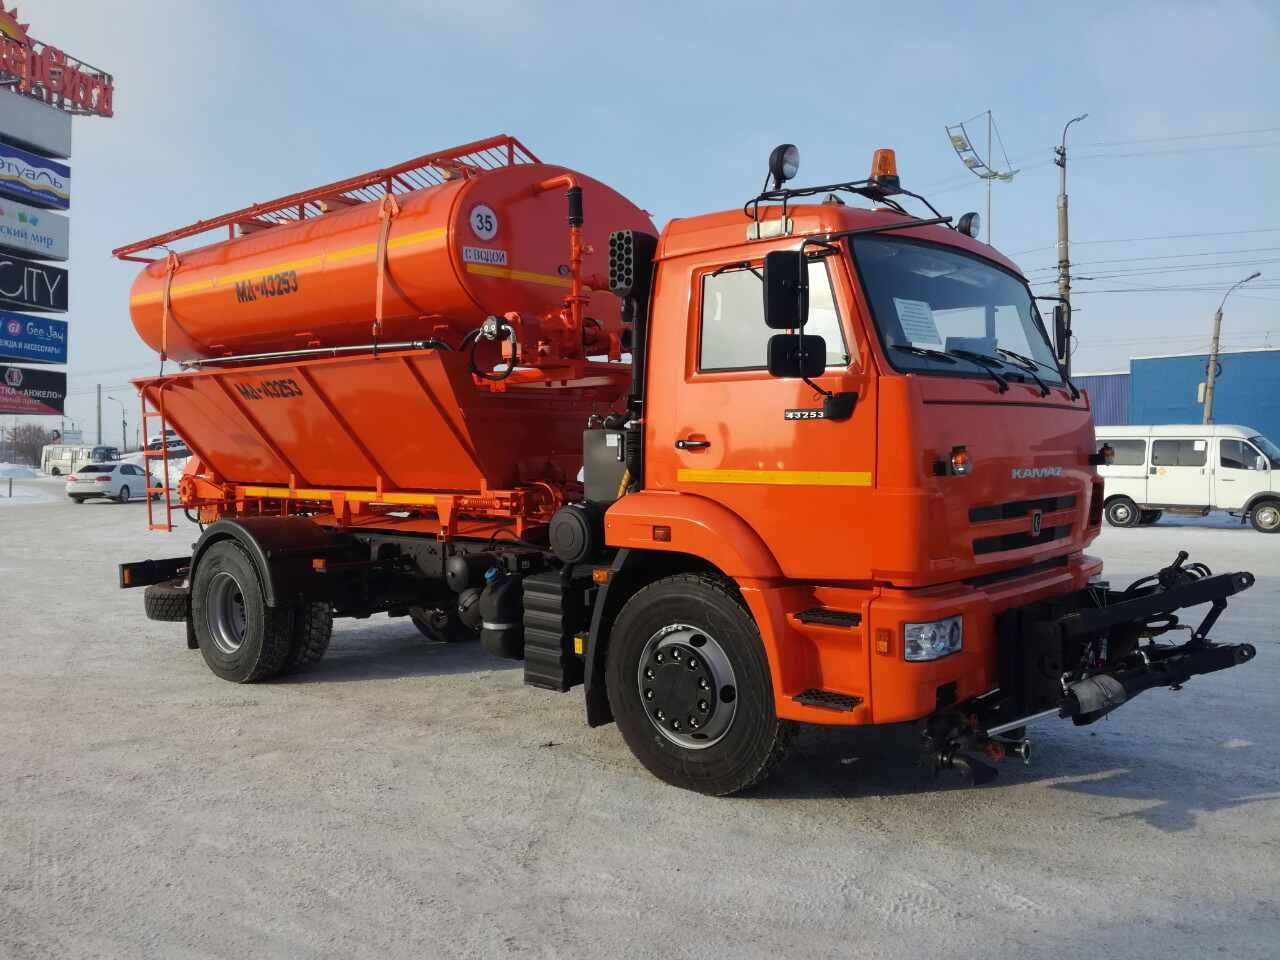 Коммунально-дорожная машина МД-43253